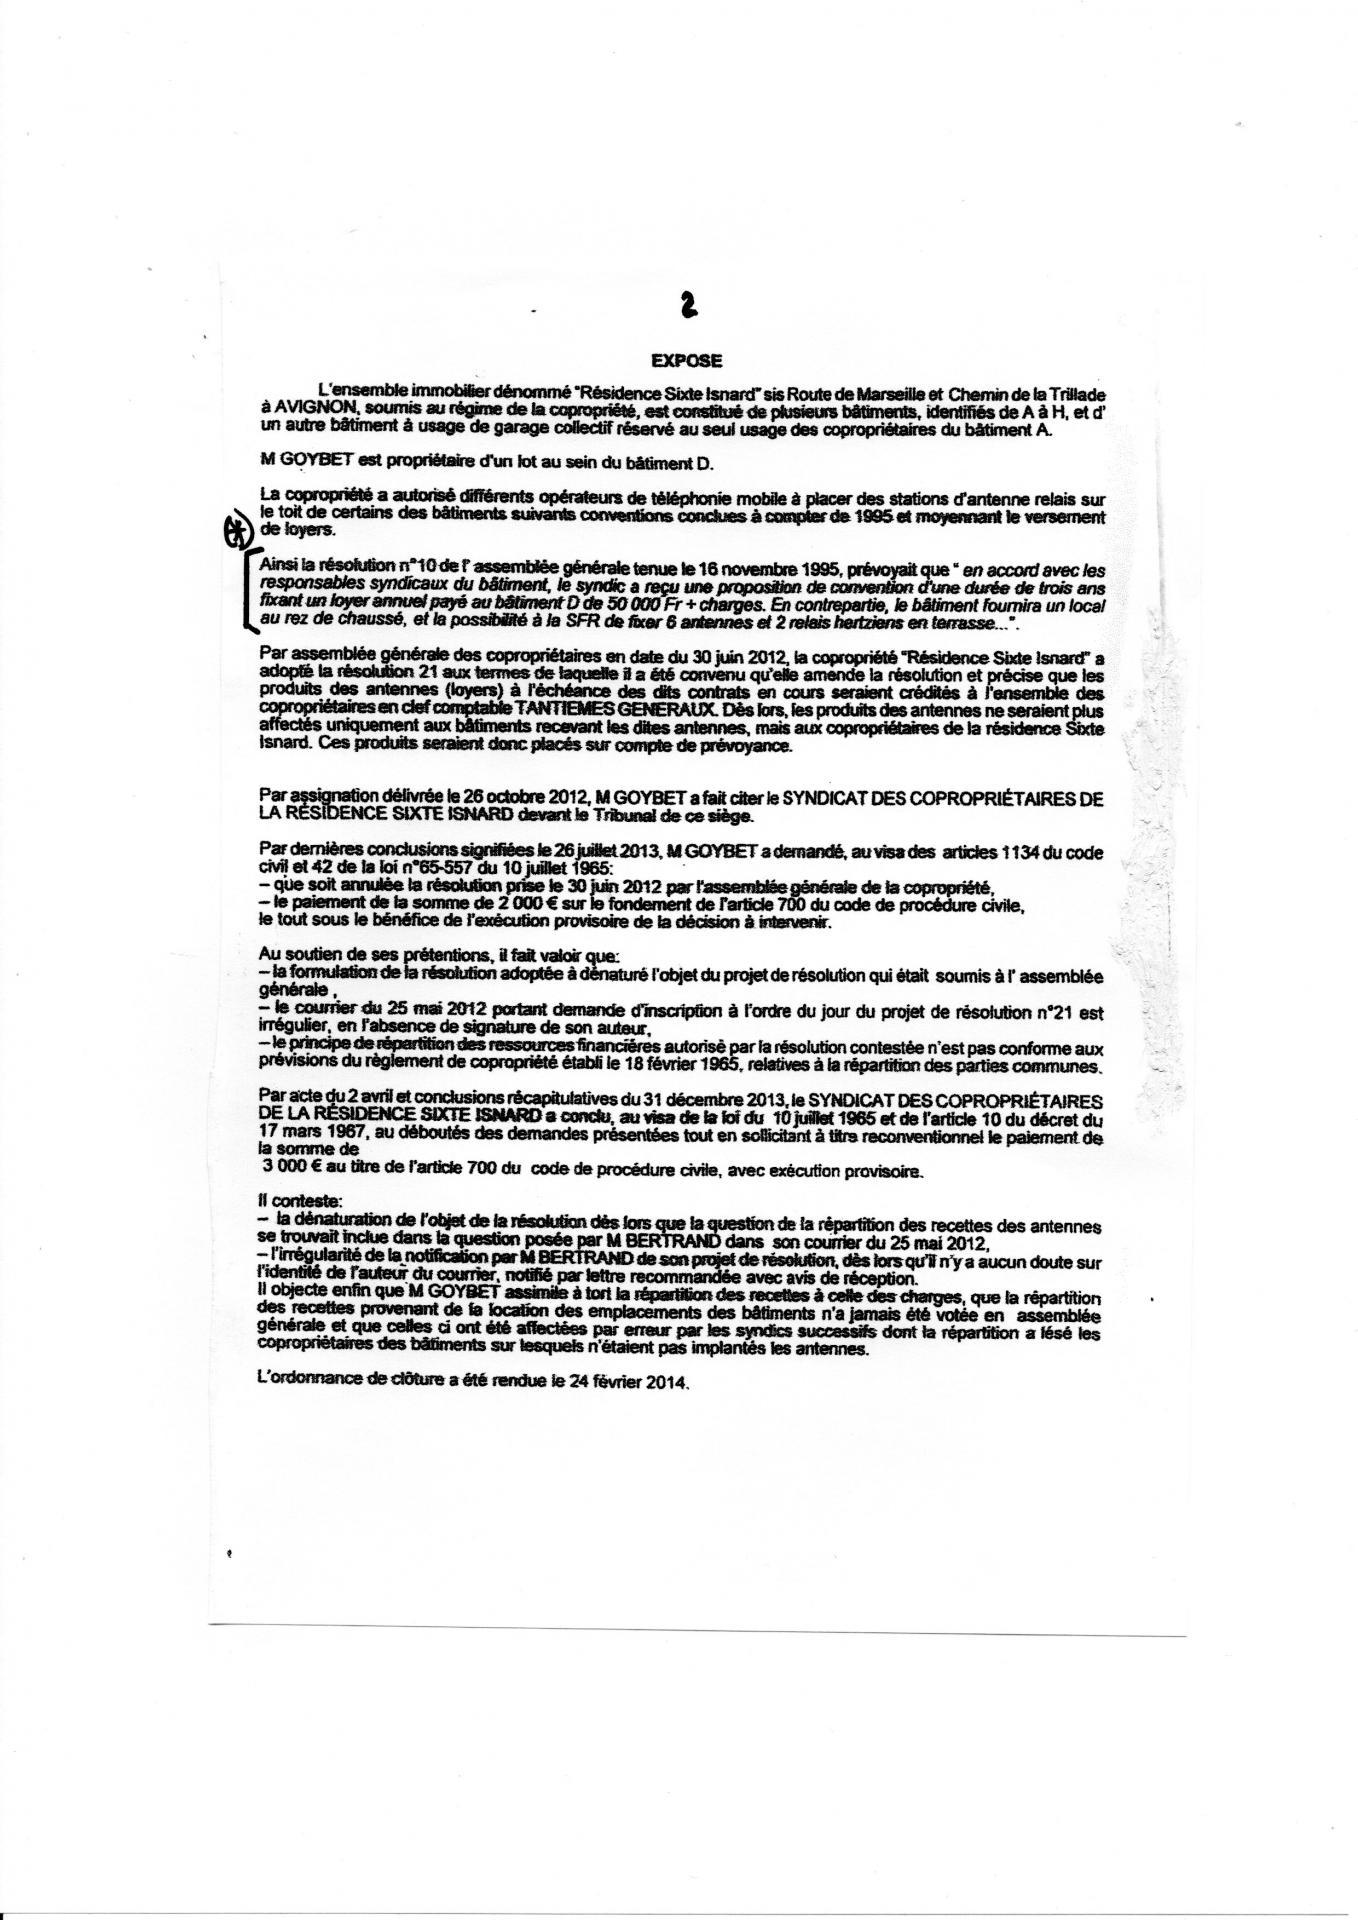 Jugement tribunal de grande instance d avignon du 2 09 2014  ( Page 2)